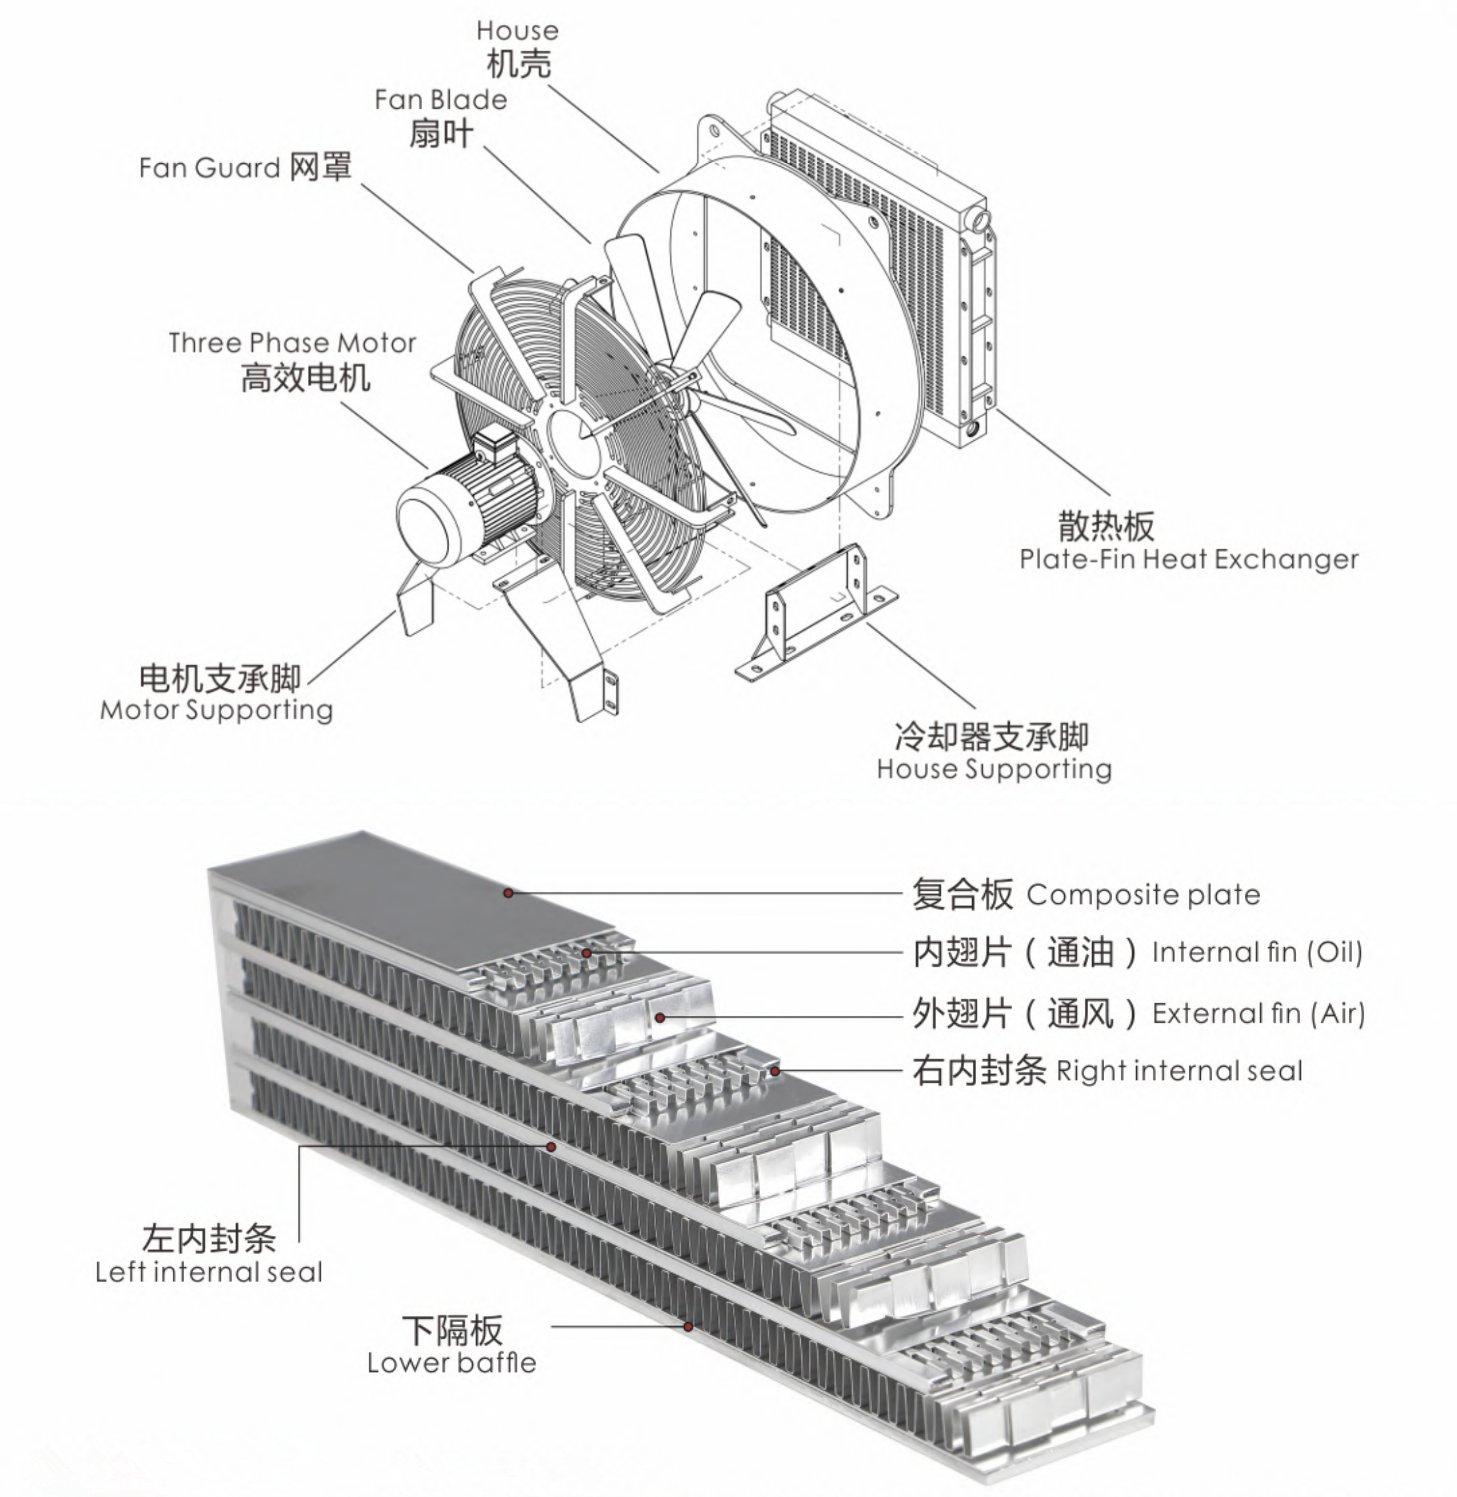 风冷式冷却器结构图与允许最高工作压力介绍